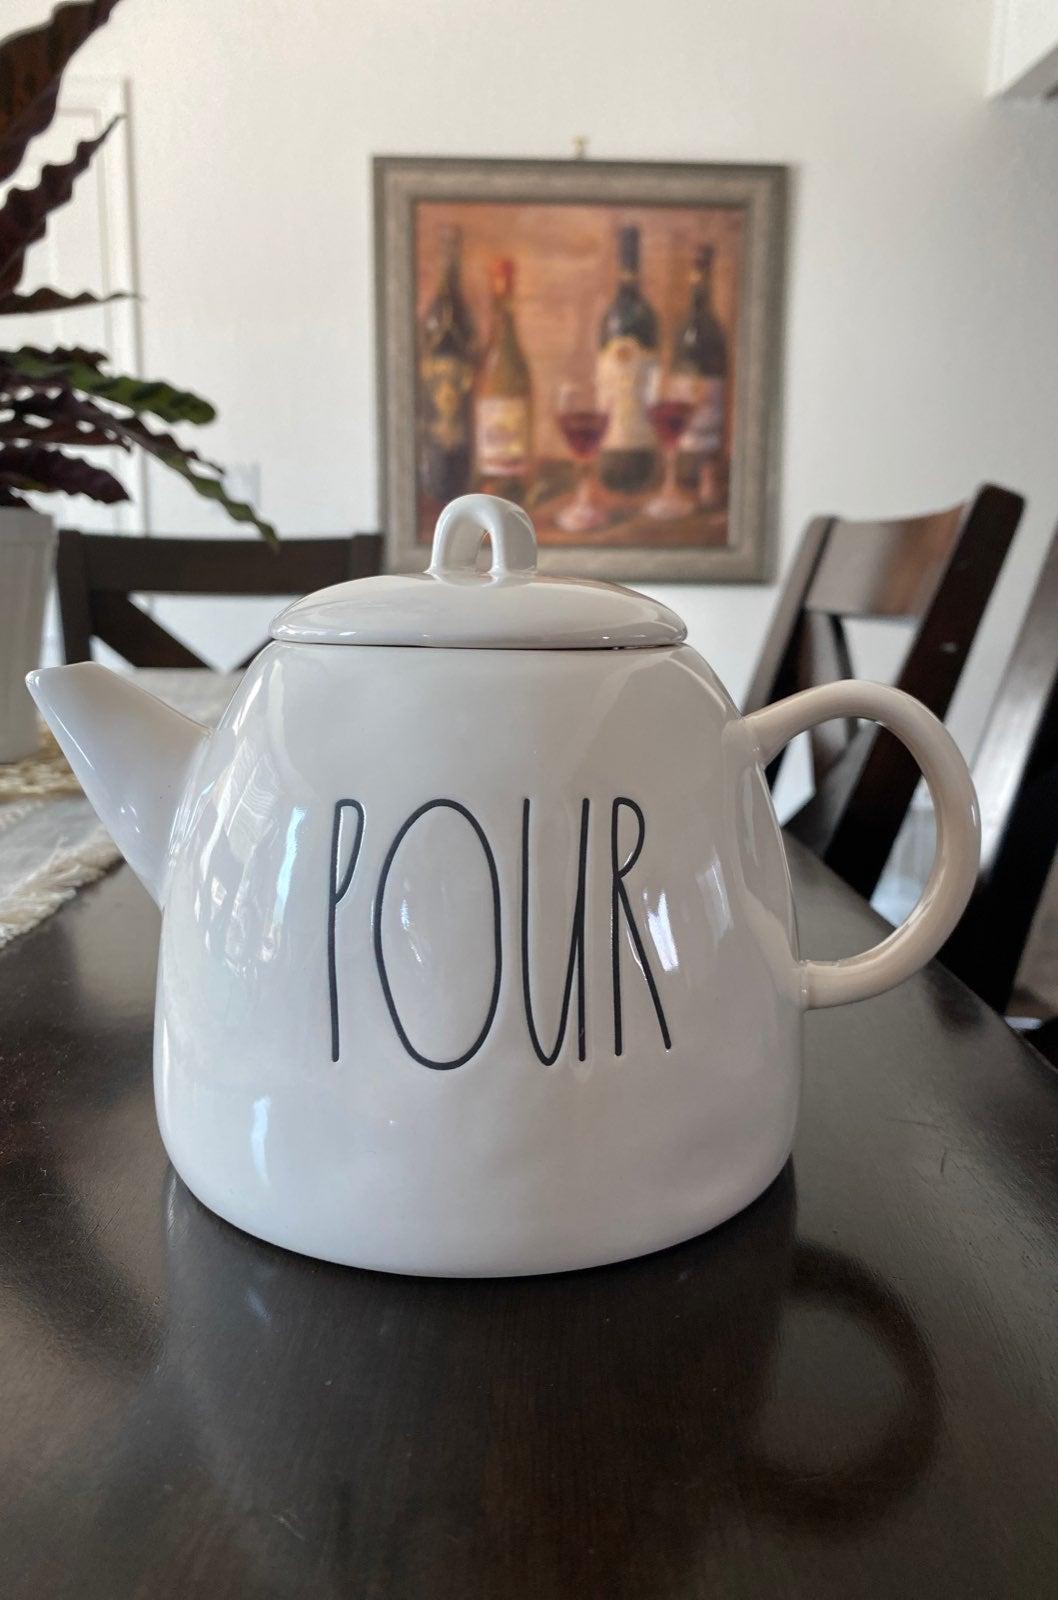 Rae Dunn Pour Teapot